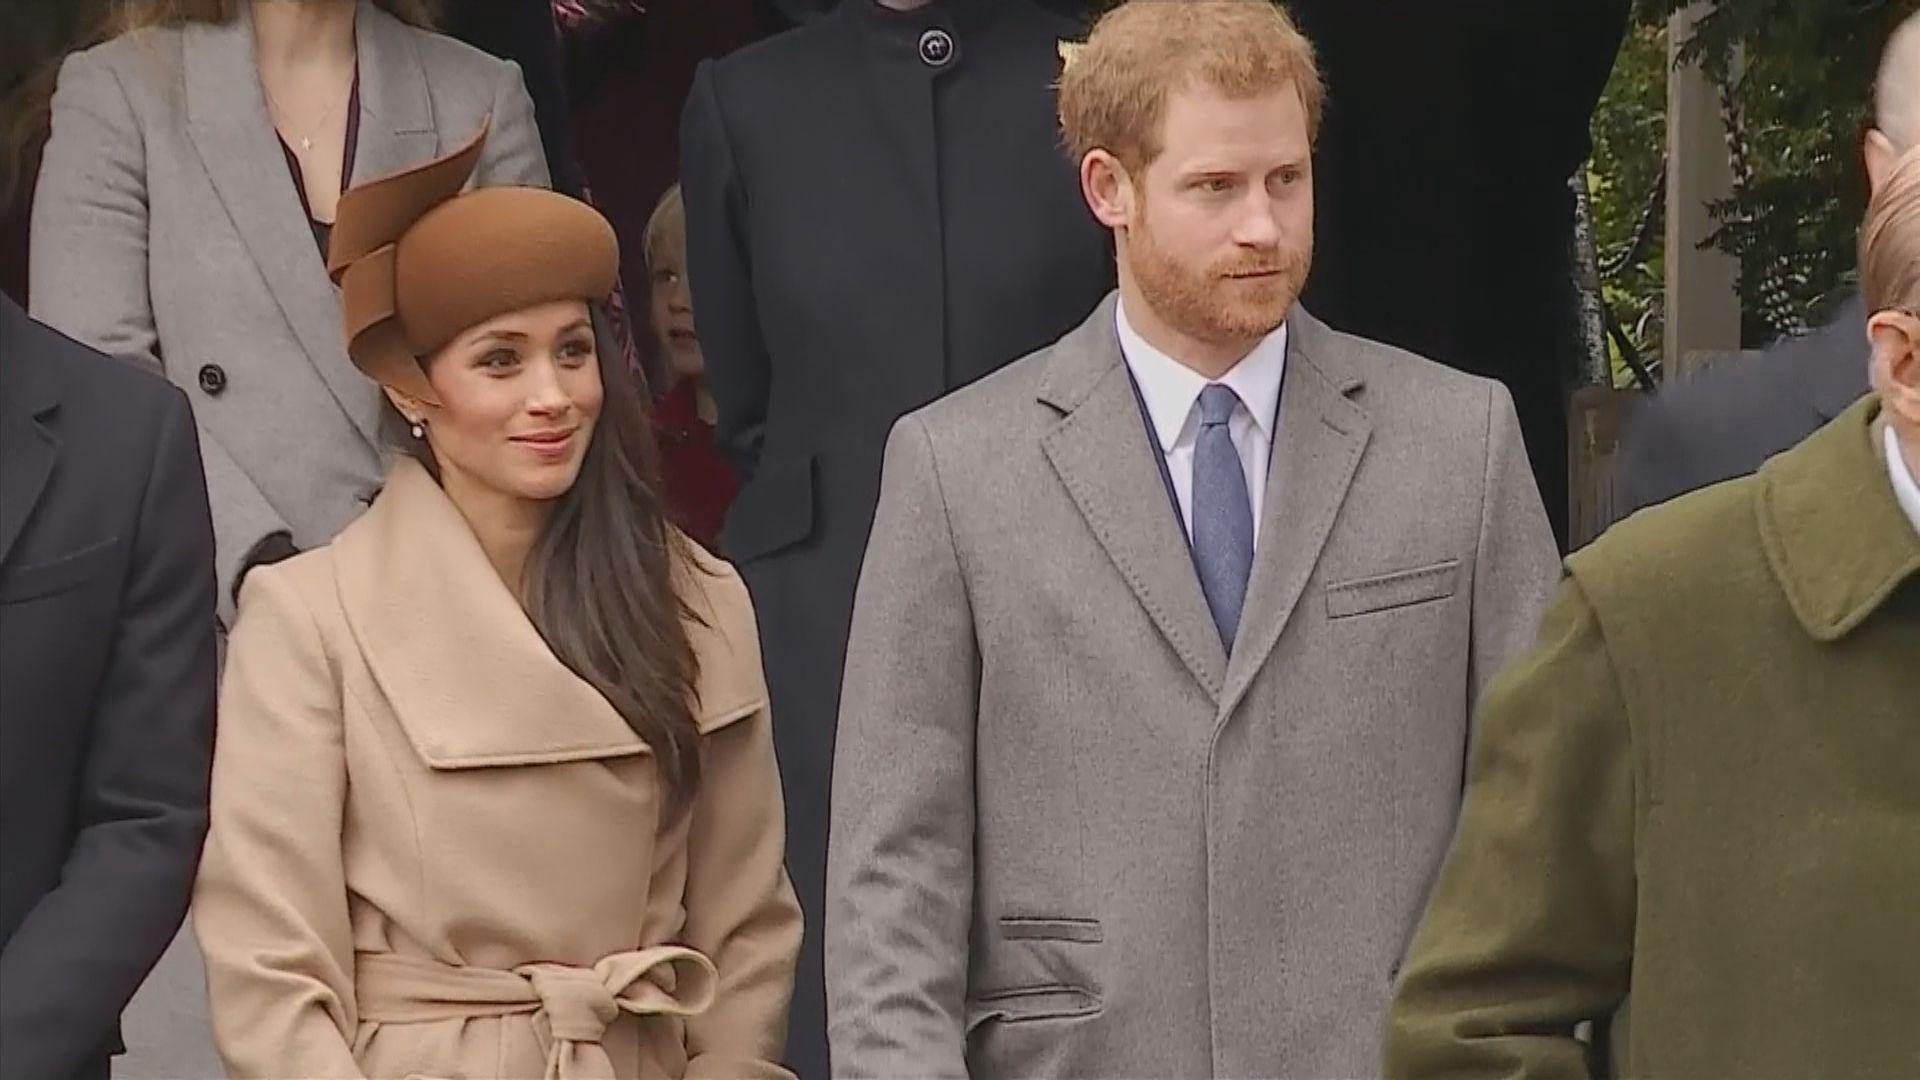 哈里回英奔喪 外界關注王室一家關係能否藉機修補